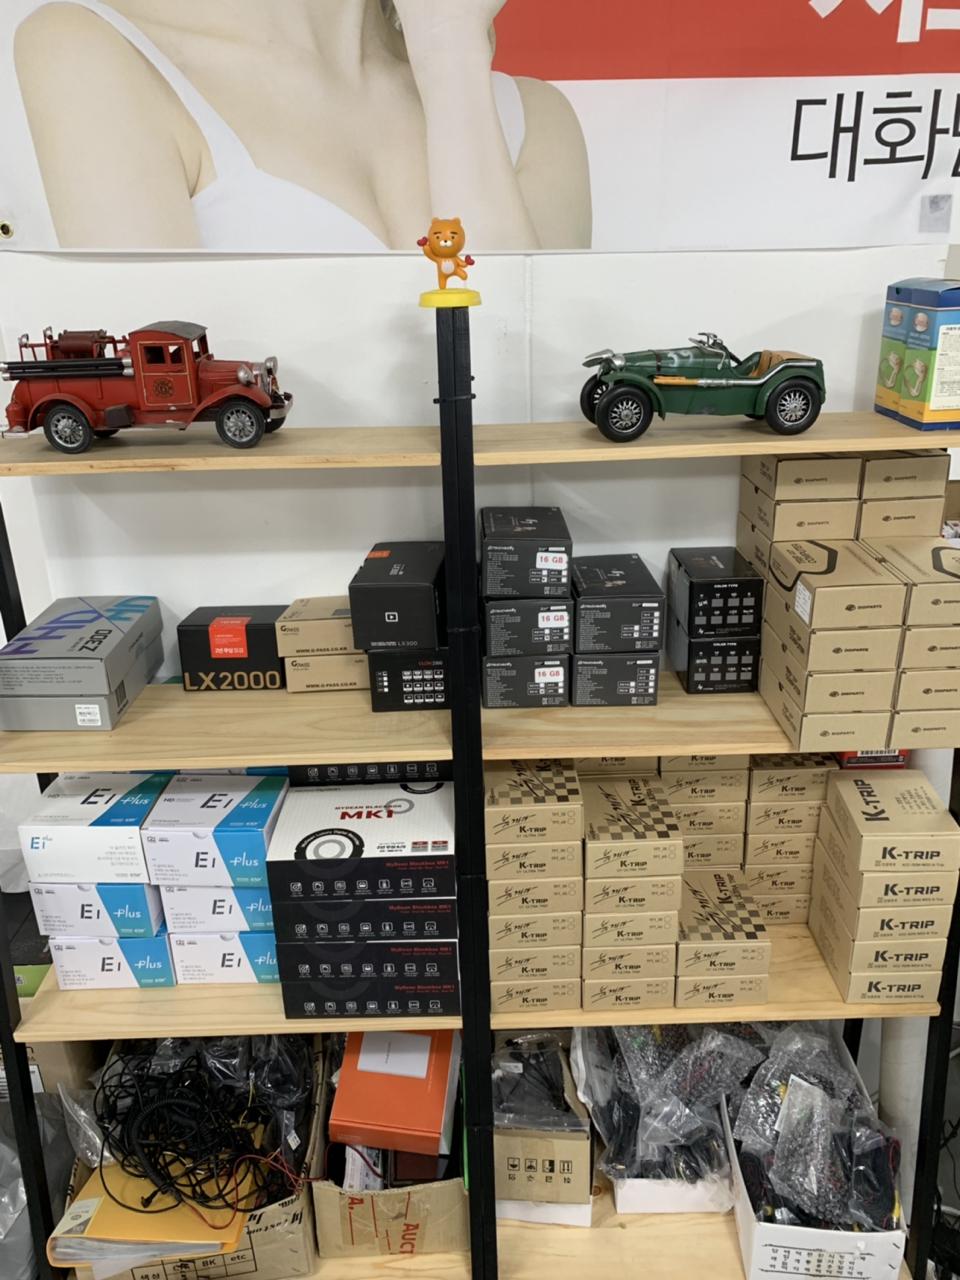 대전지역 각종 차량인테리어 용품 판매합니다!!!(네비게이션 블랙박스 감지기 보조배터리 아이나비 파인뷰 파인드라이브)